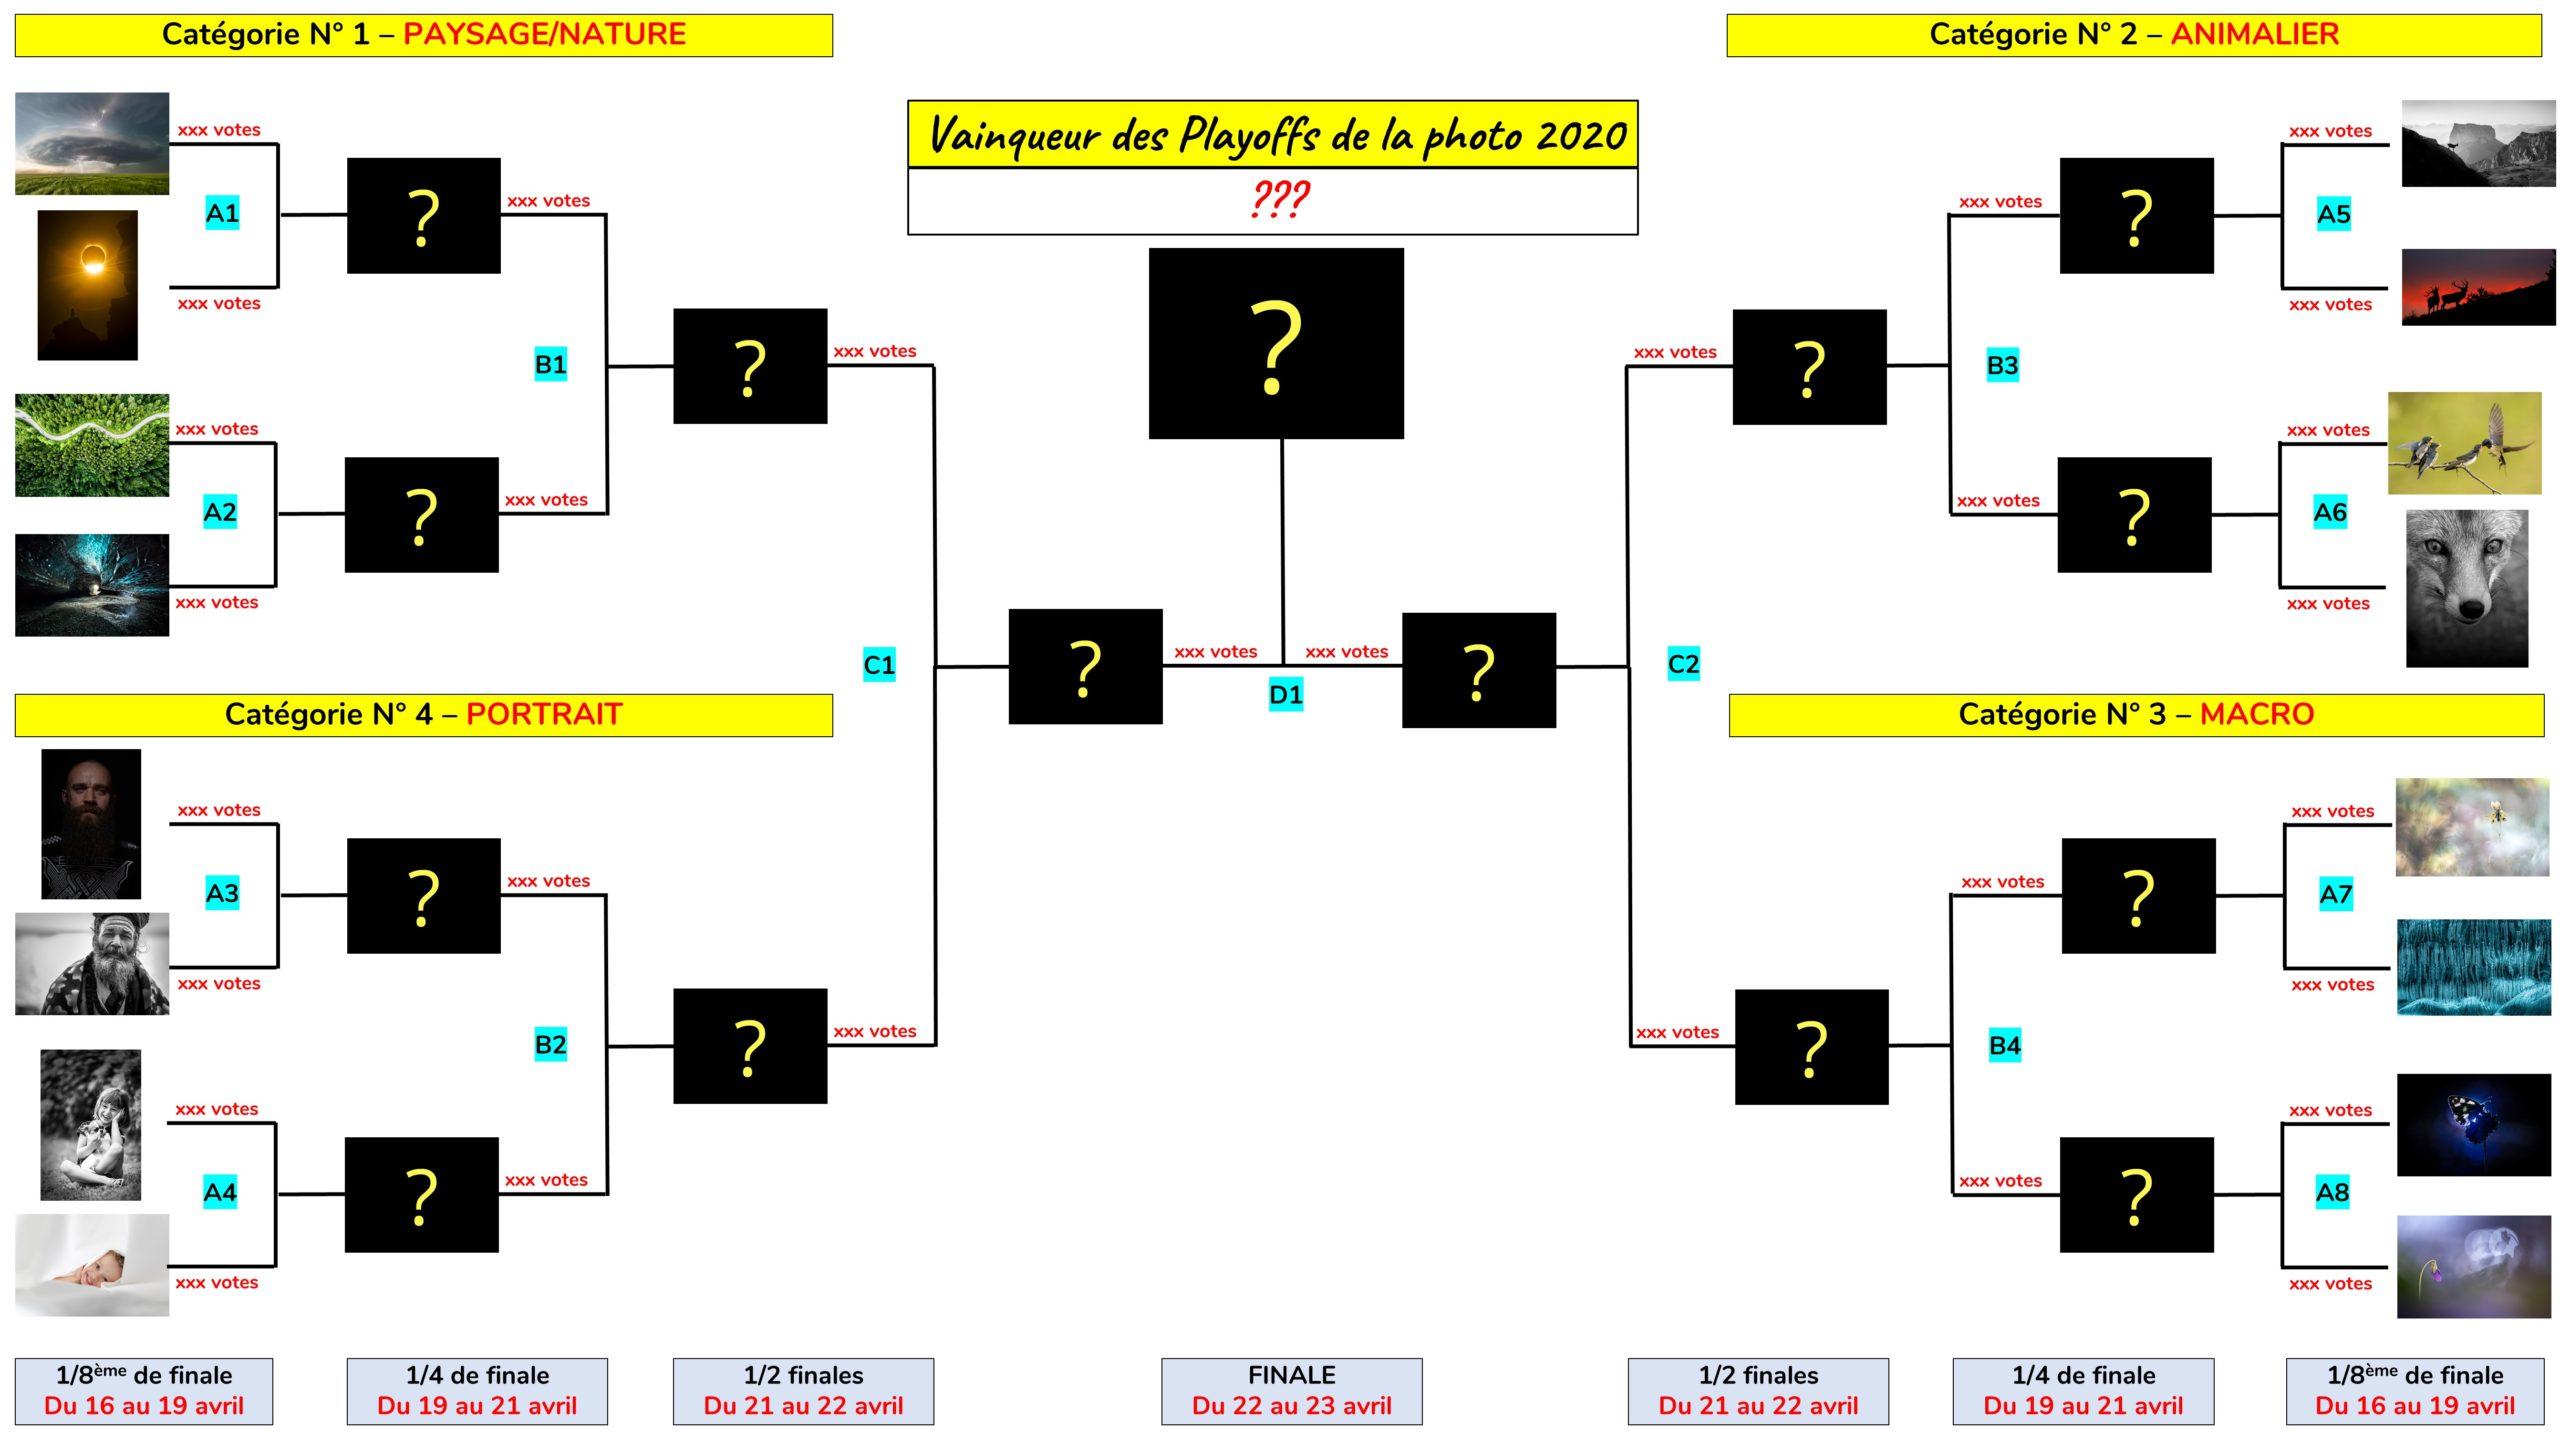 Playoffs de la Photo 2020 - Tableau de la phase finale - Concours photo